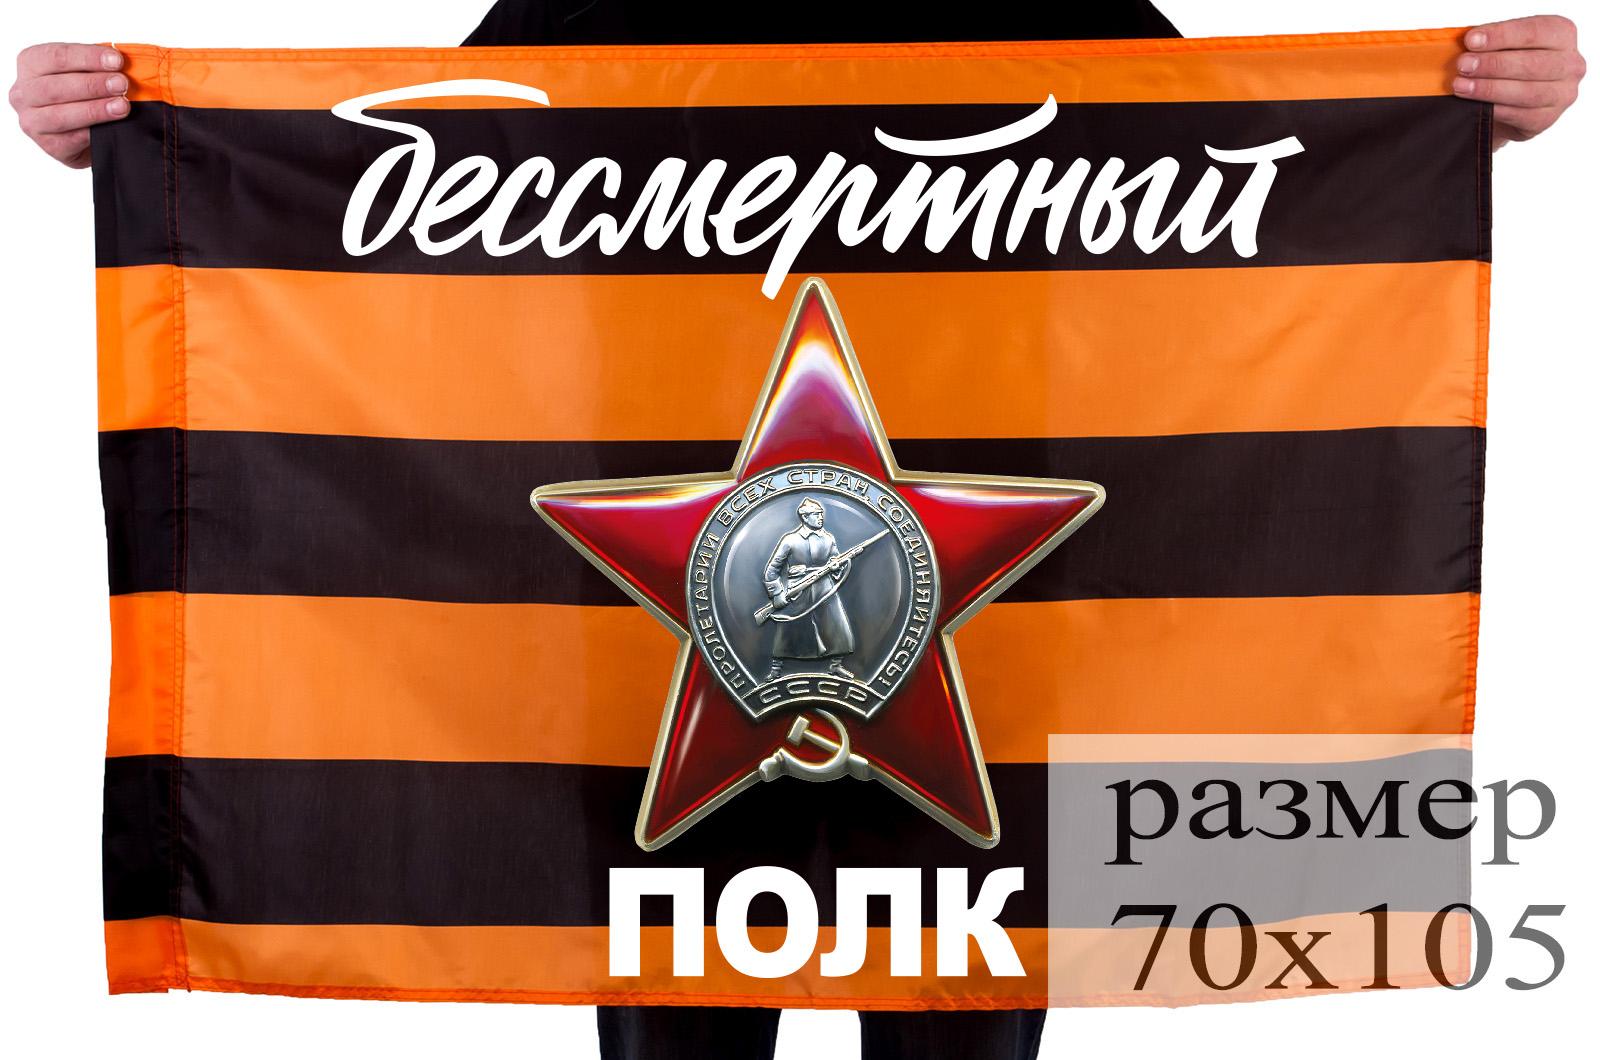 Георгиевский флаг с орденом Красной звезды